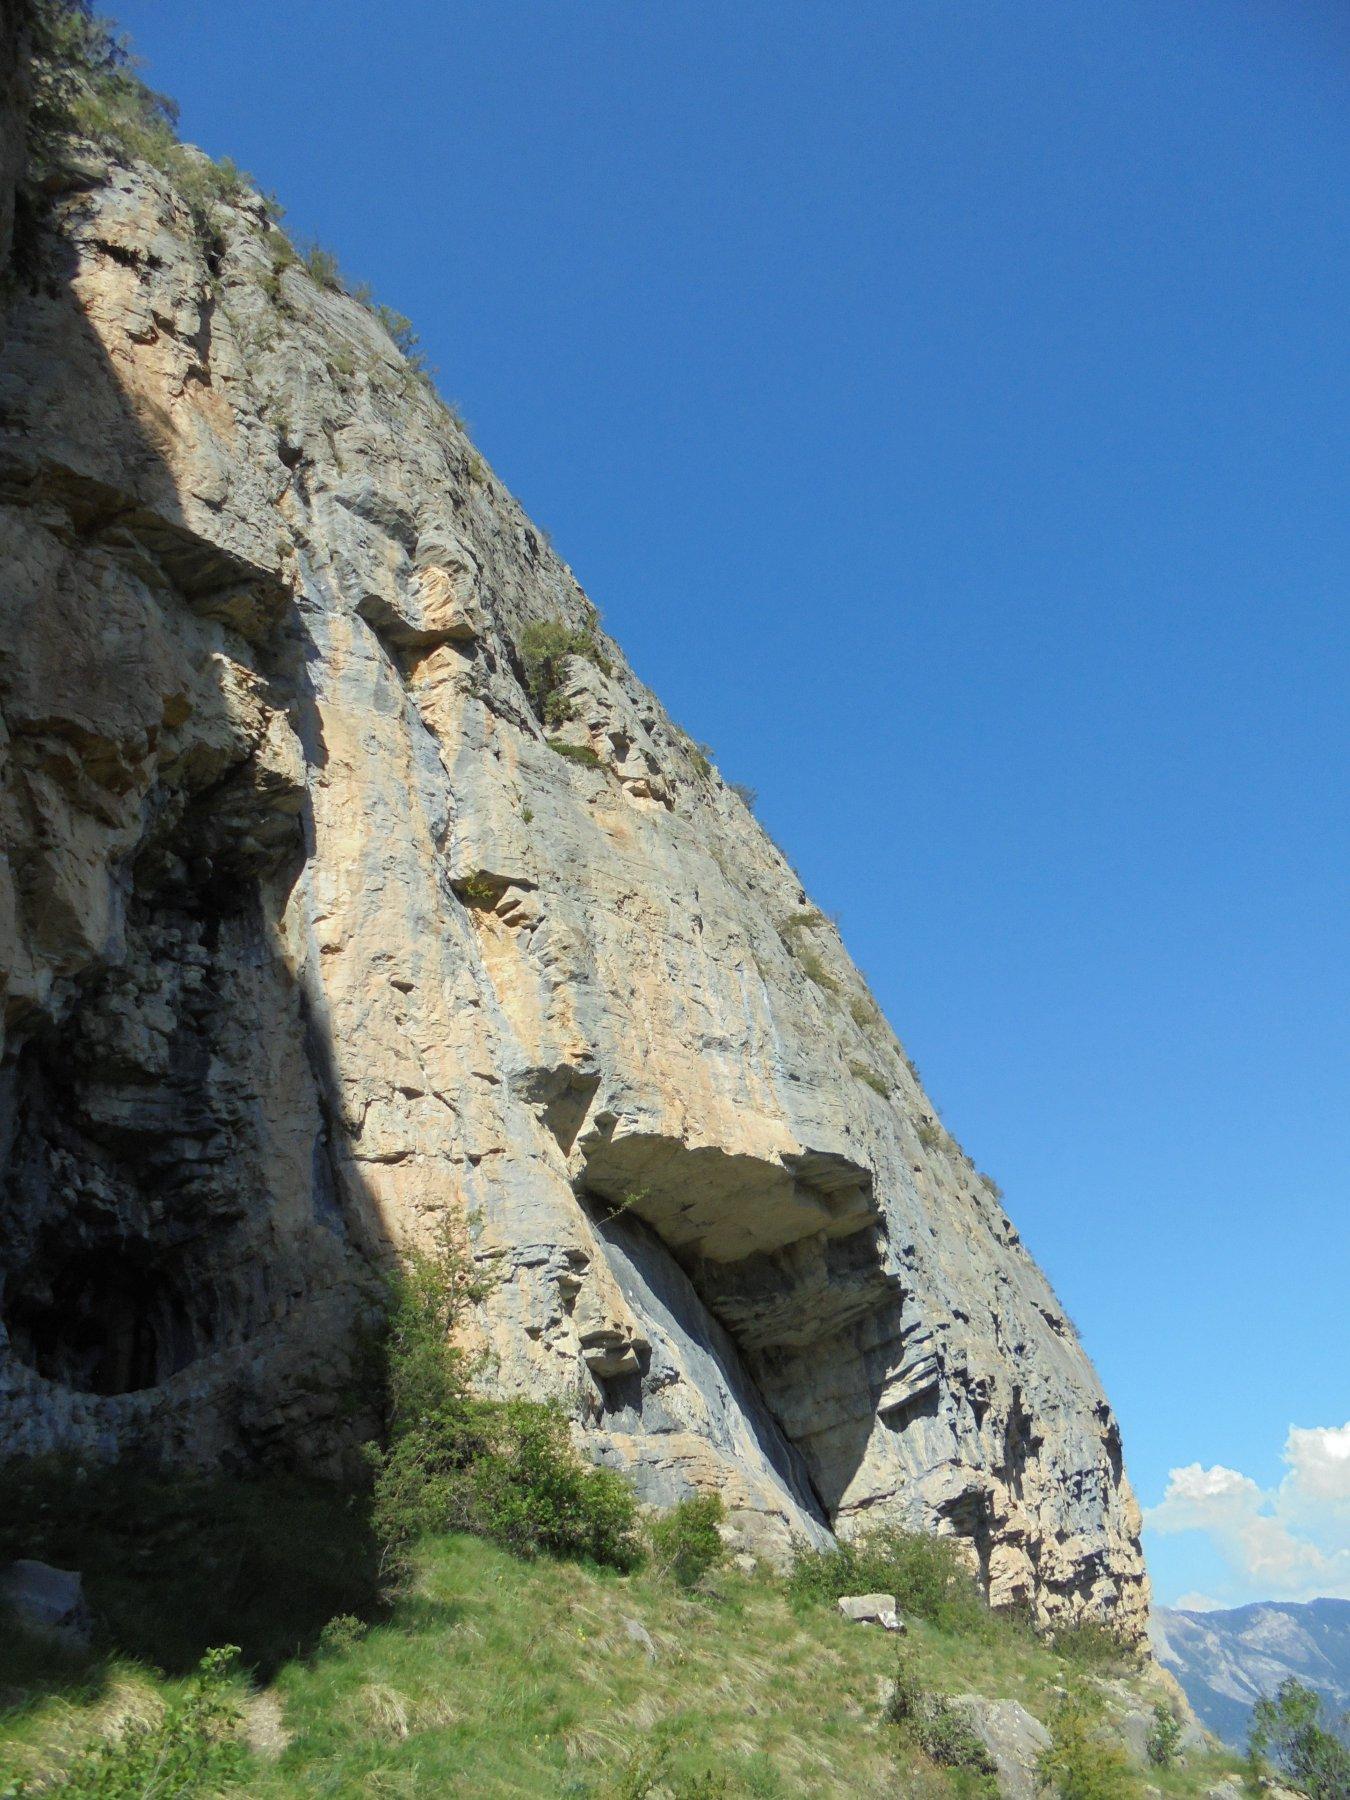 la parete attraversata dall'ultima doppia (e che è anche una mega falesia)